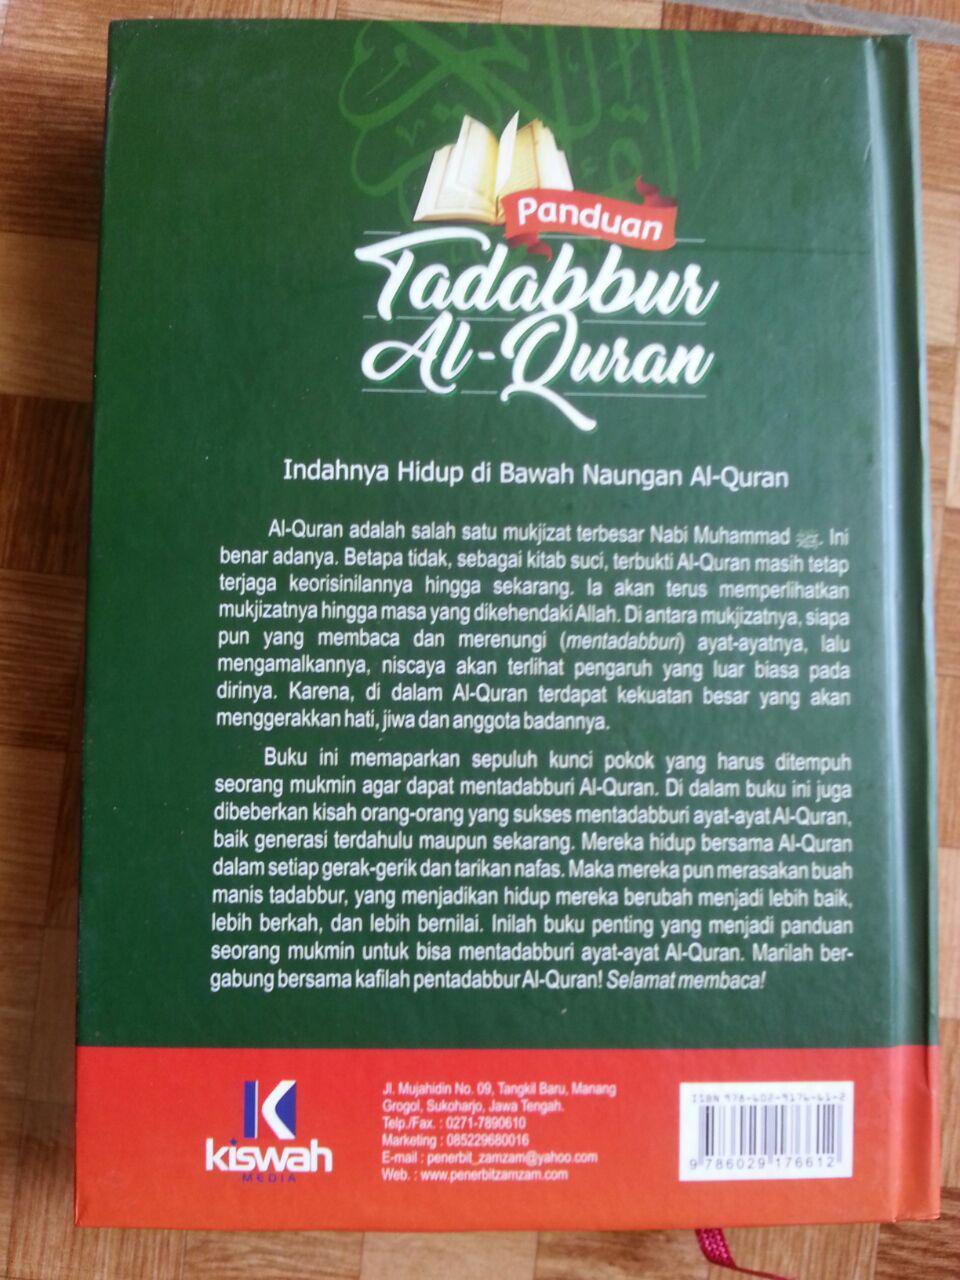 Buku Panduan Tadabbur Al-Quran cover